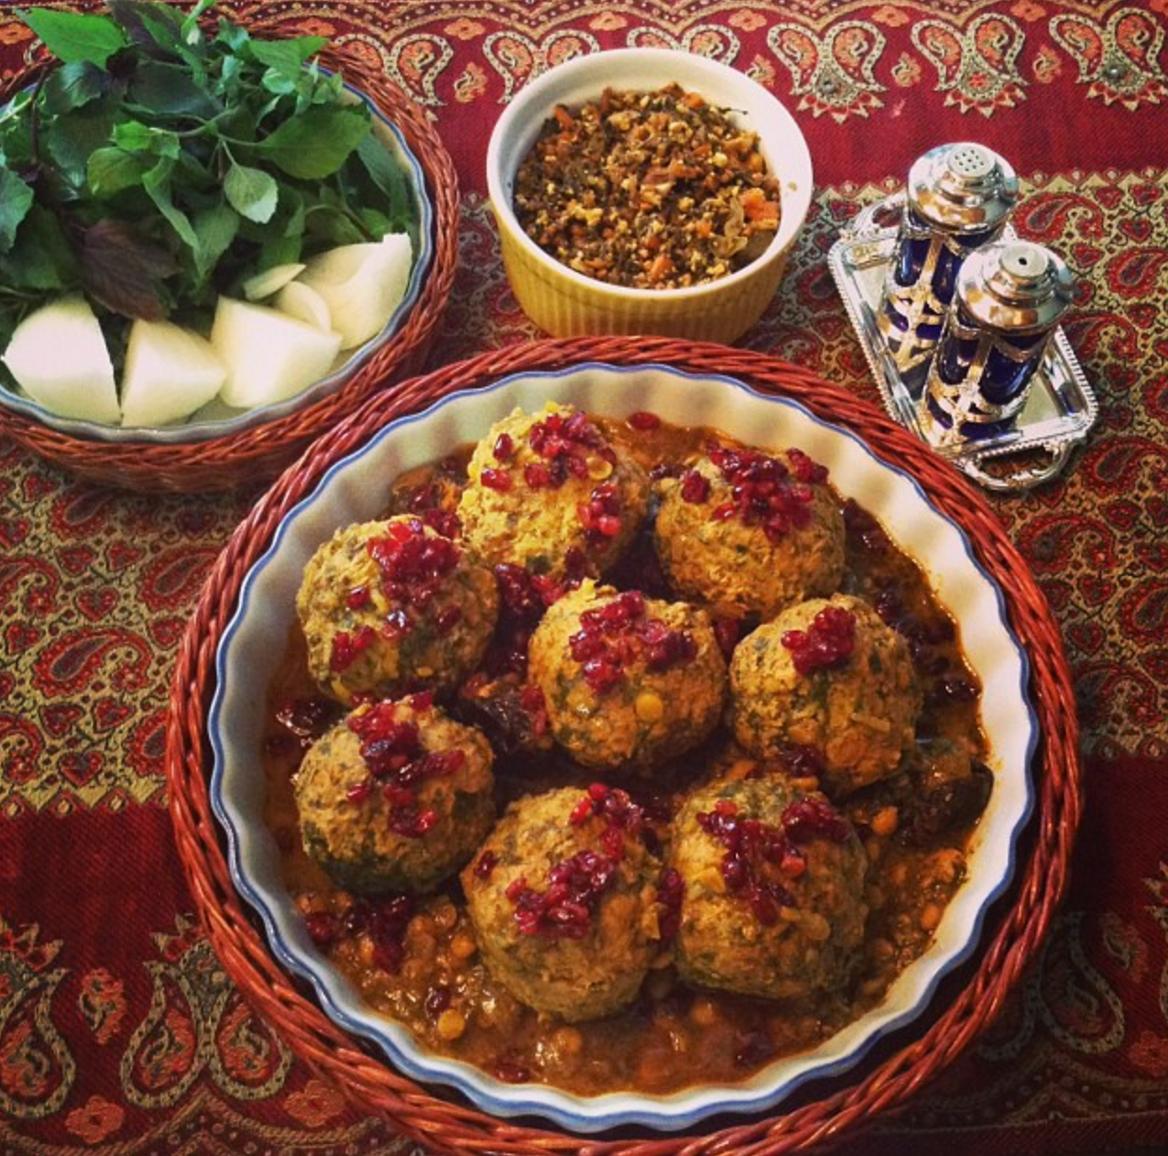 Kufteh Tabrizi